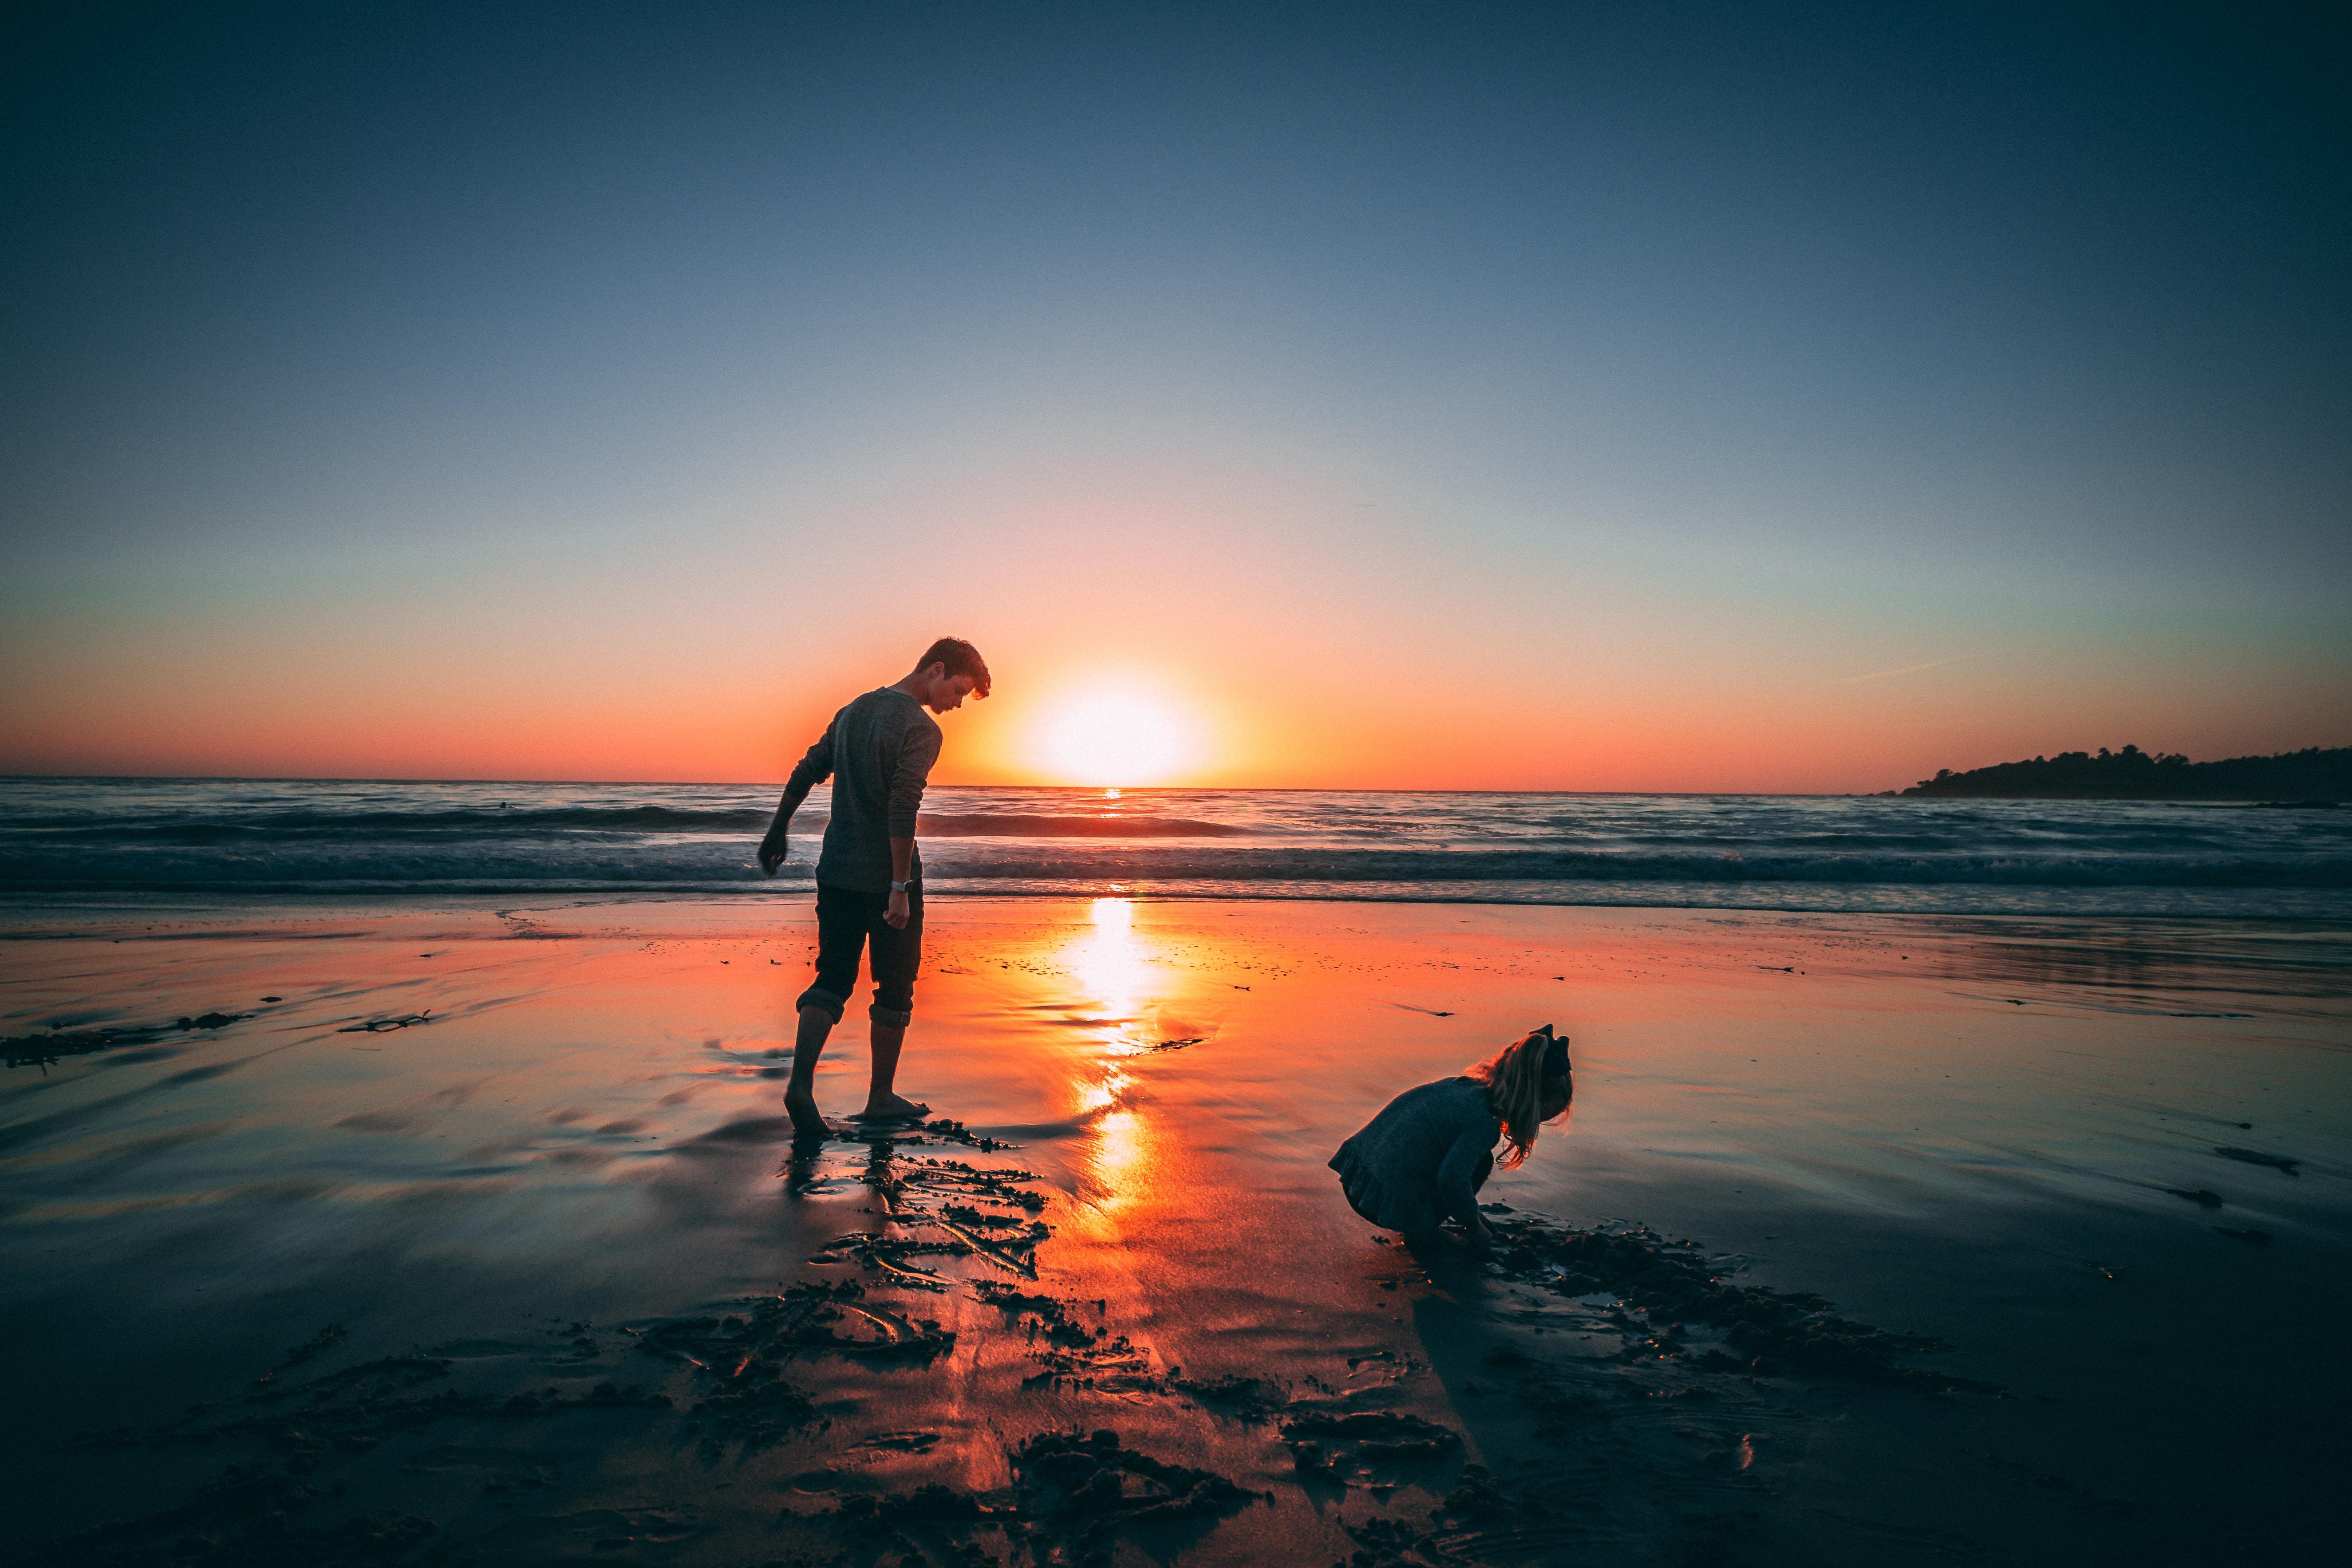 夕焼けのもとで遊ぶ親子